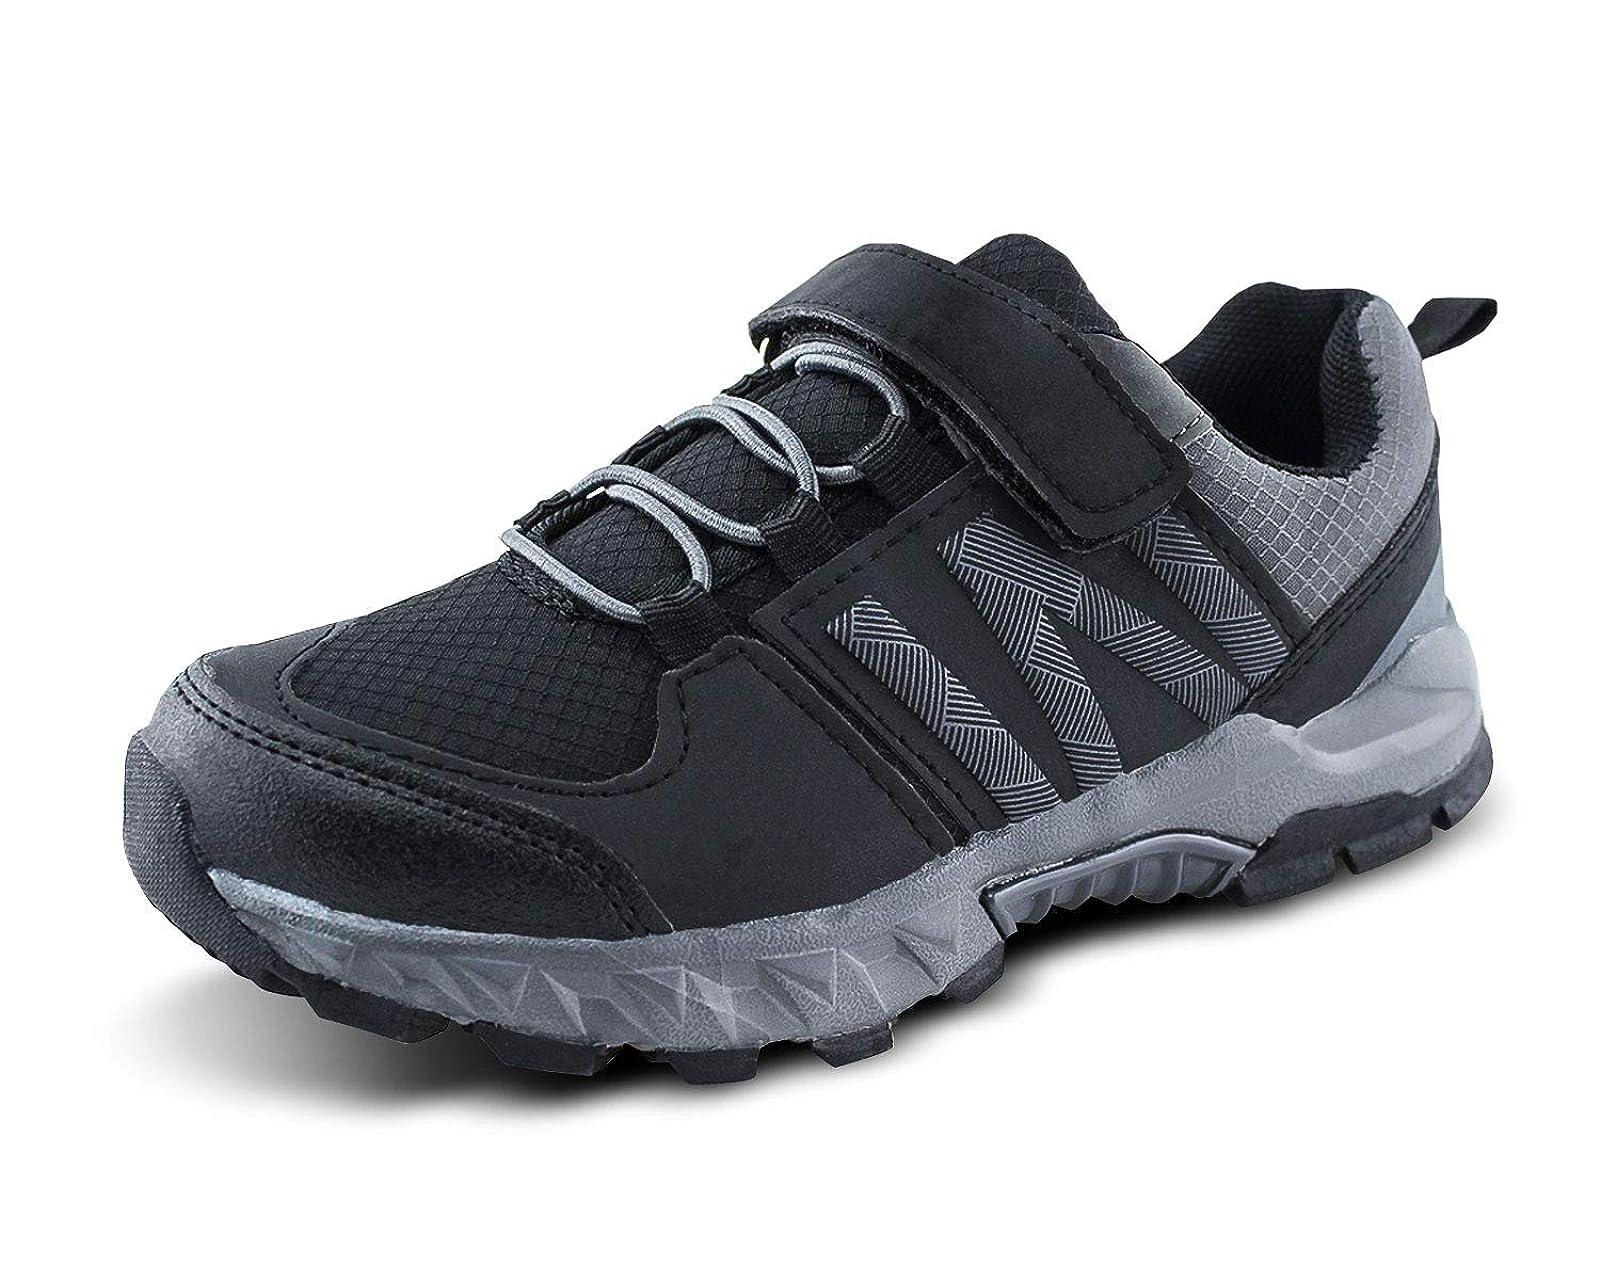 Jabasic Kids Hiking Shoes Outdoor Adventure Athletic ST4391 - 2